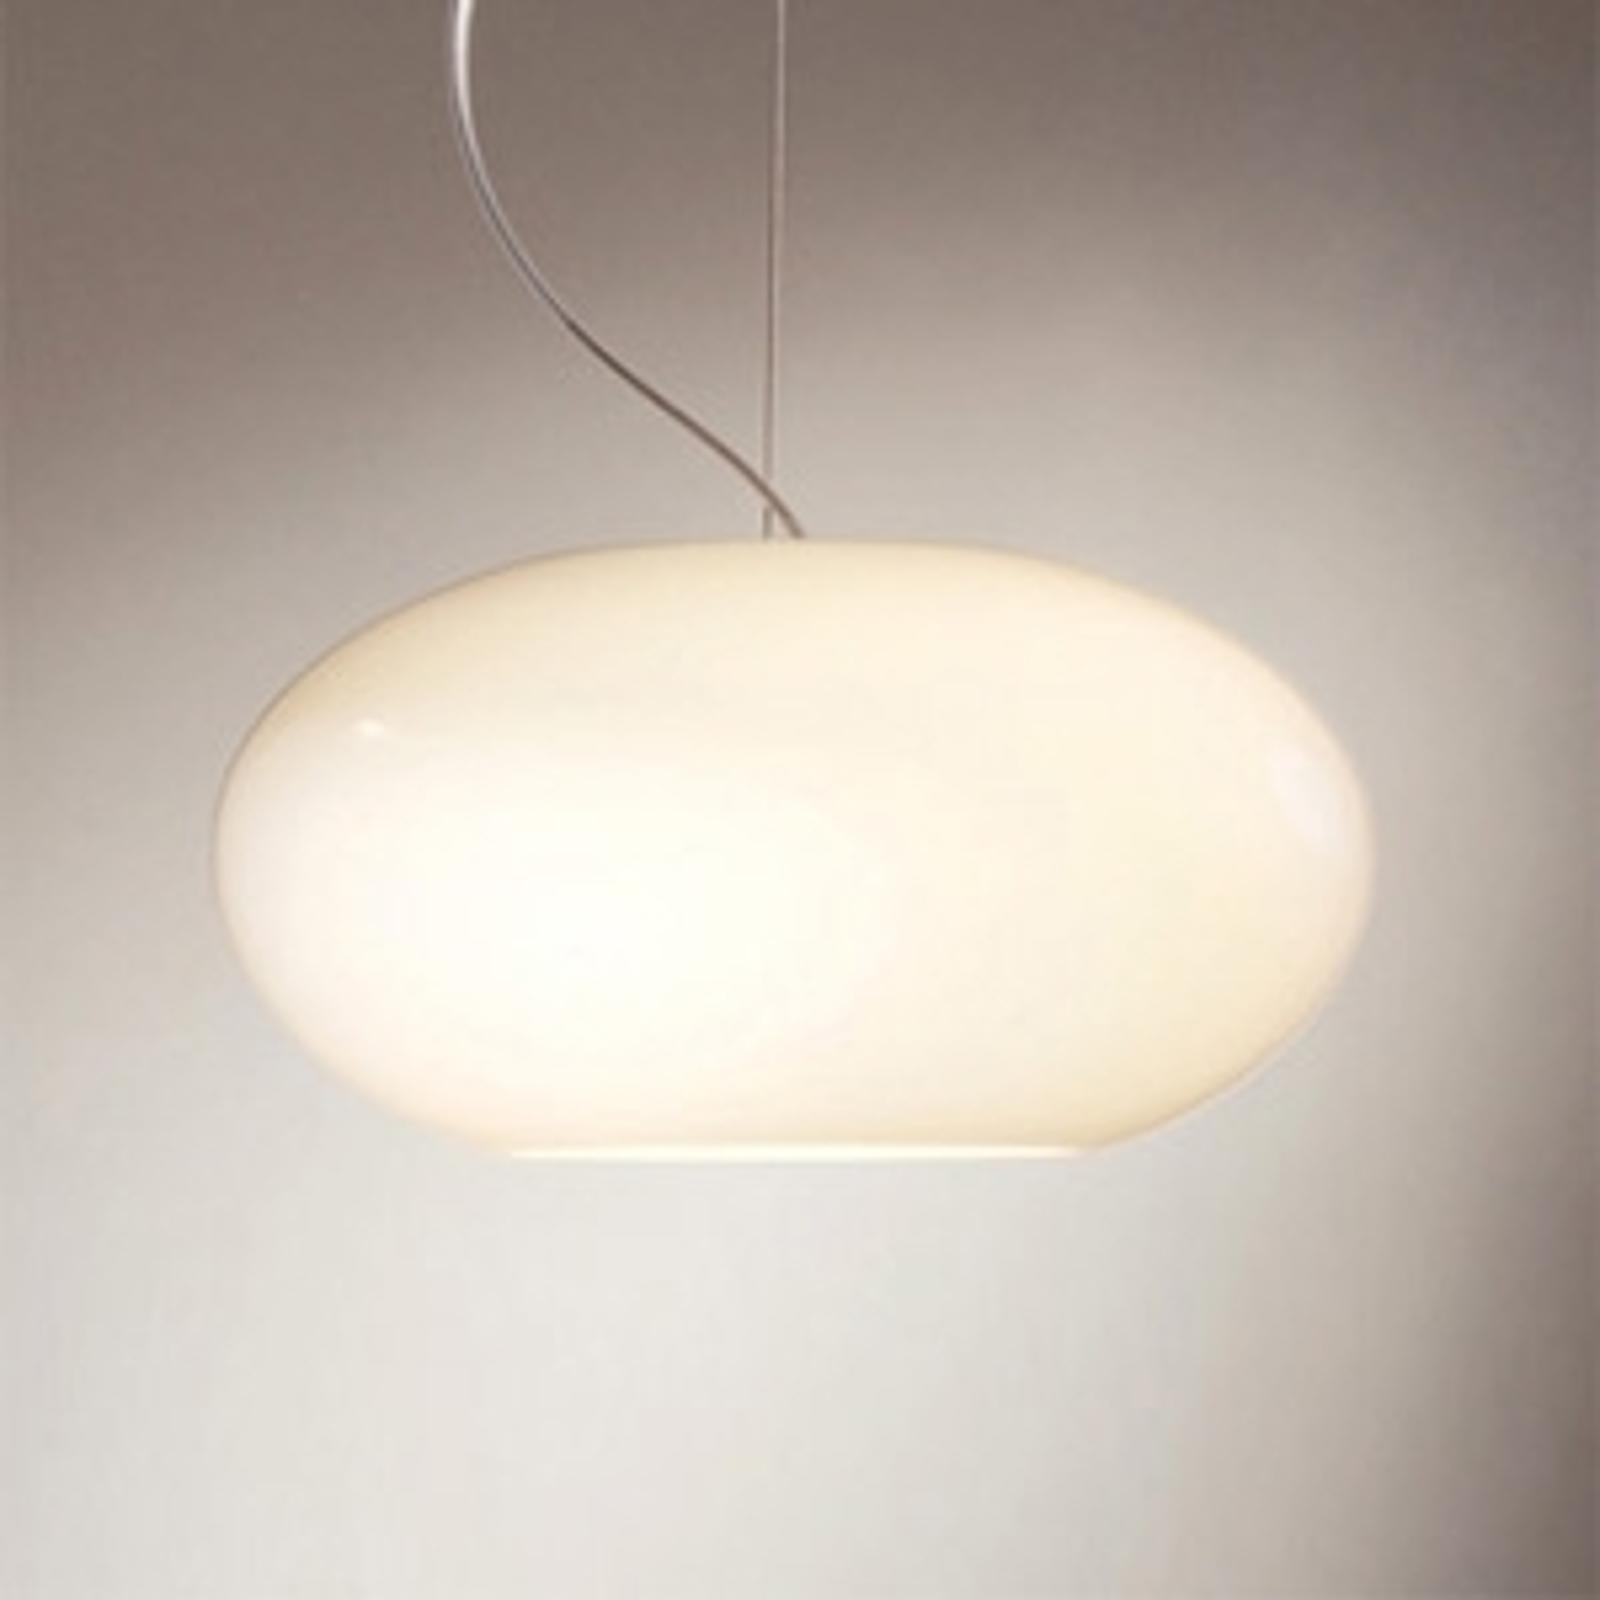 Lampa wisząca AIH 28 cm kremowa, błyszcząca